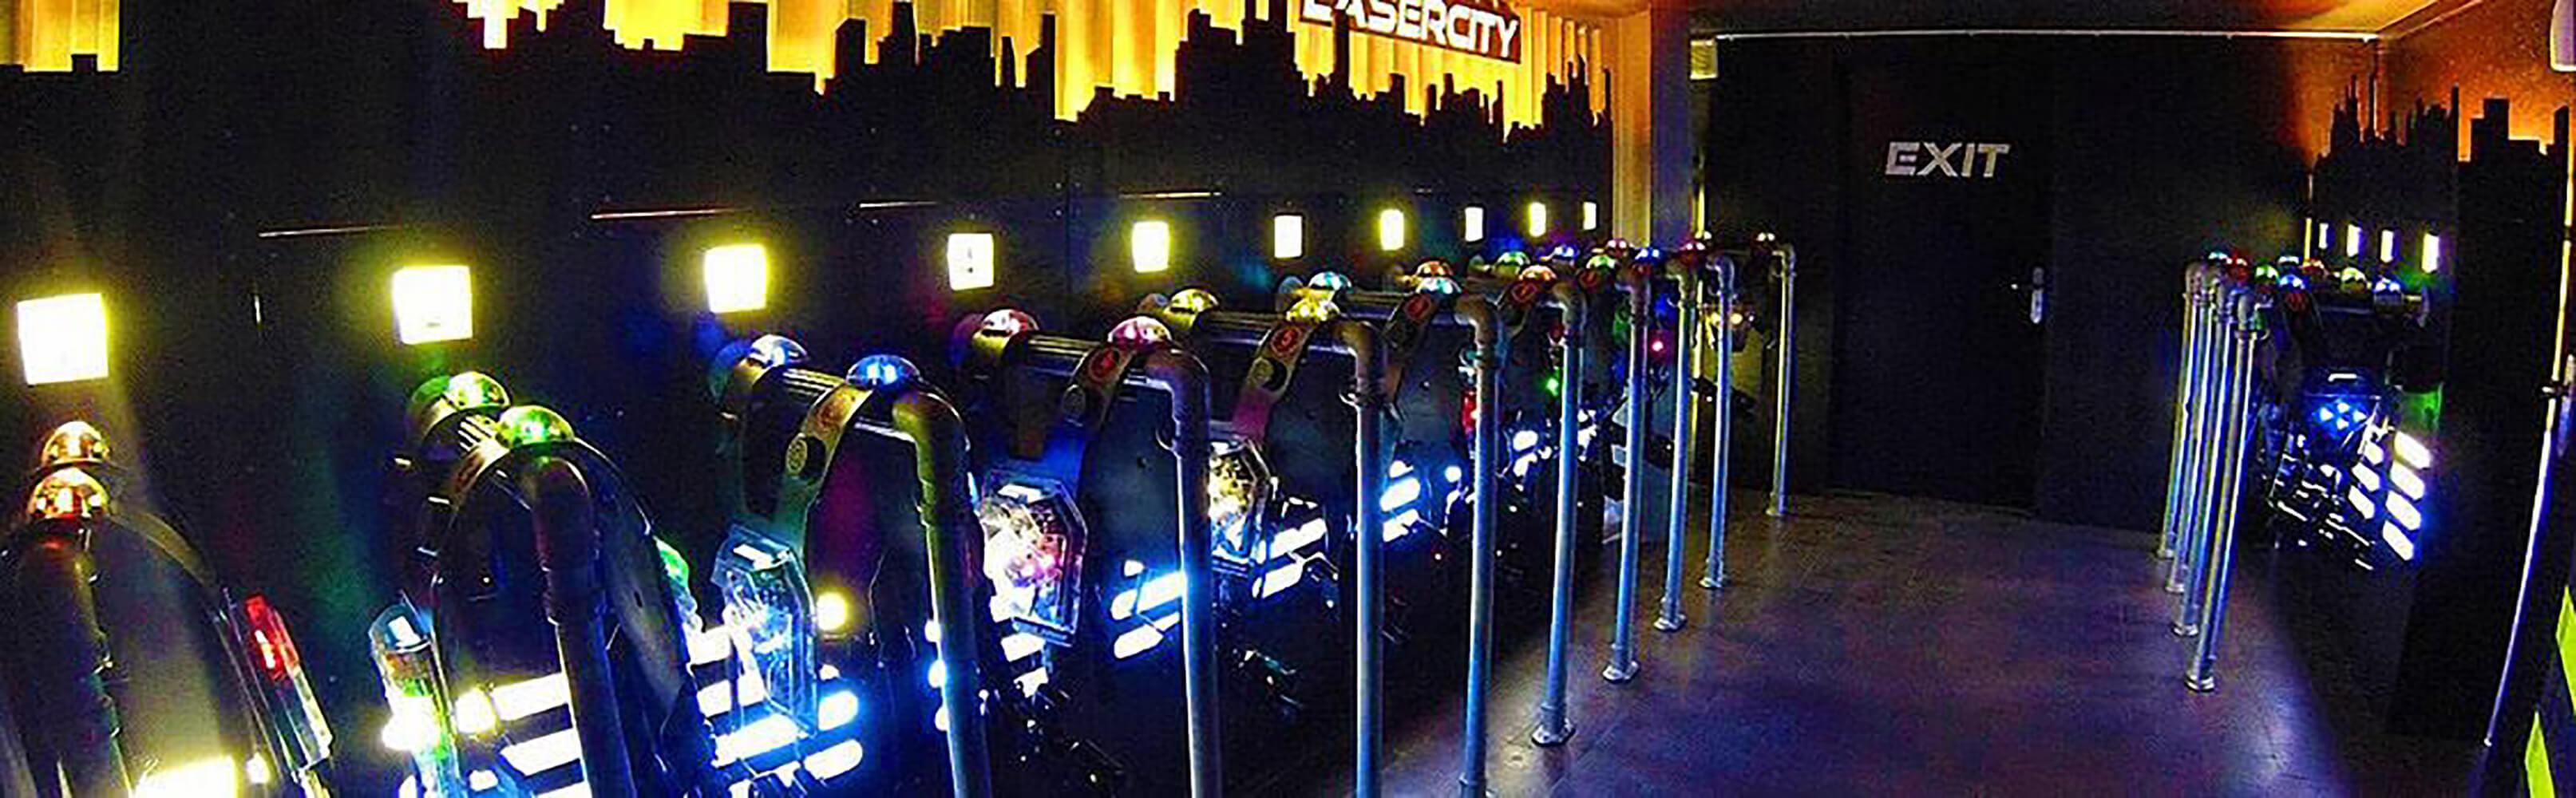 Lasercity Biel/Bienne 1